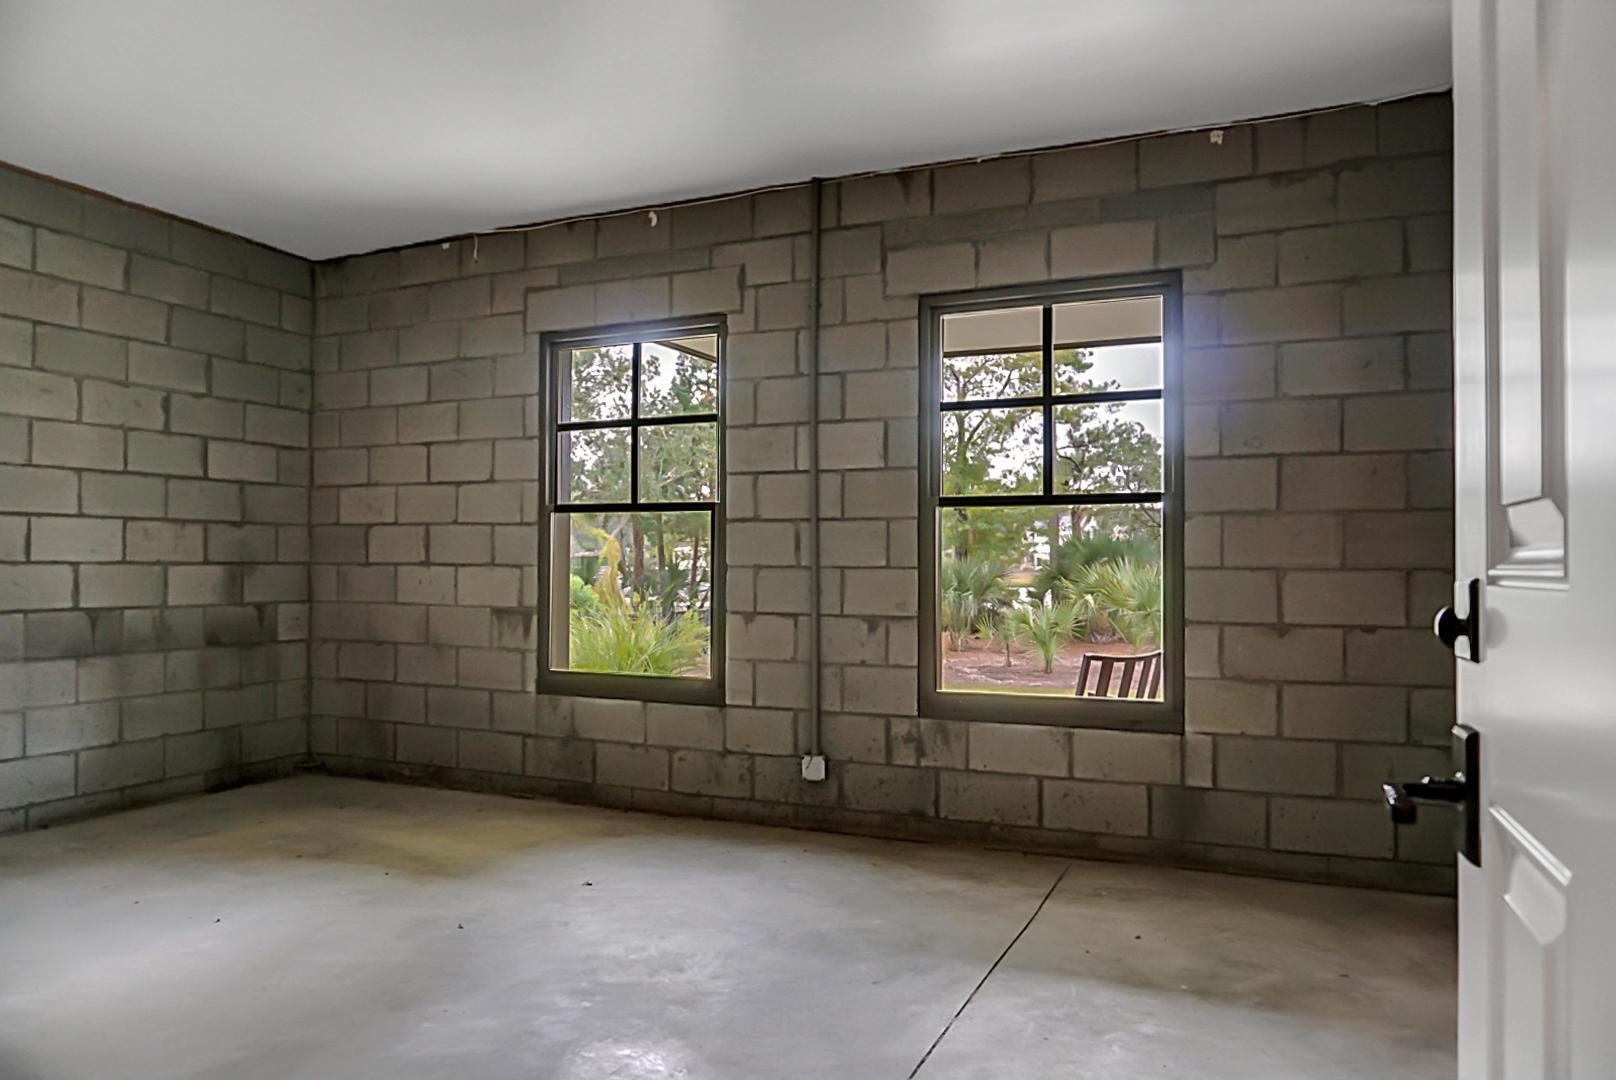 Dunes West Homes For Sale - 2978 River Vista, Mount Pleasant, SC - 3